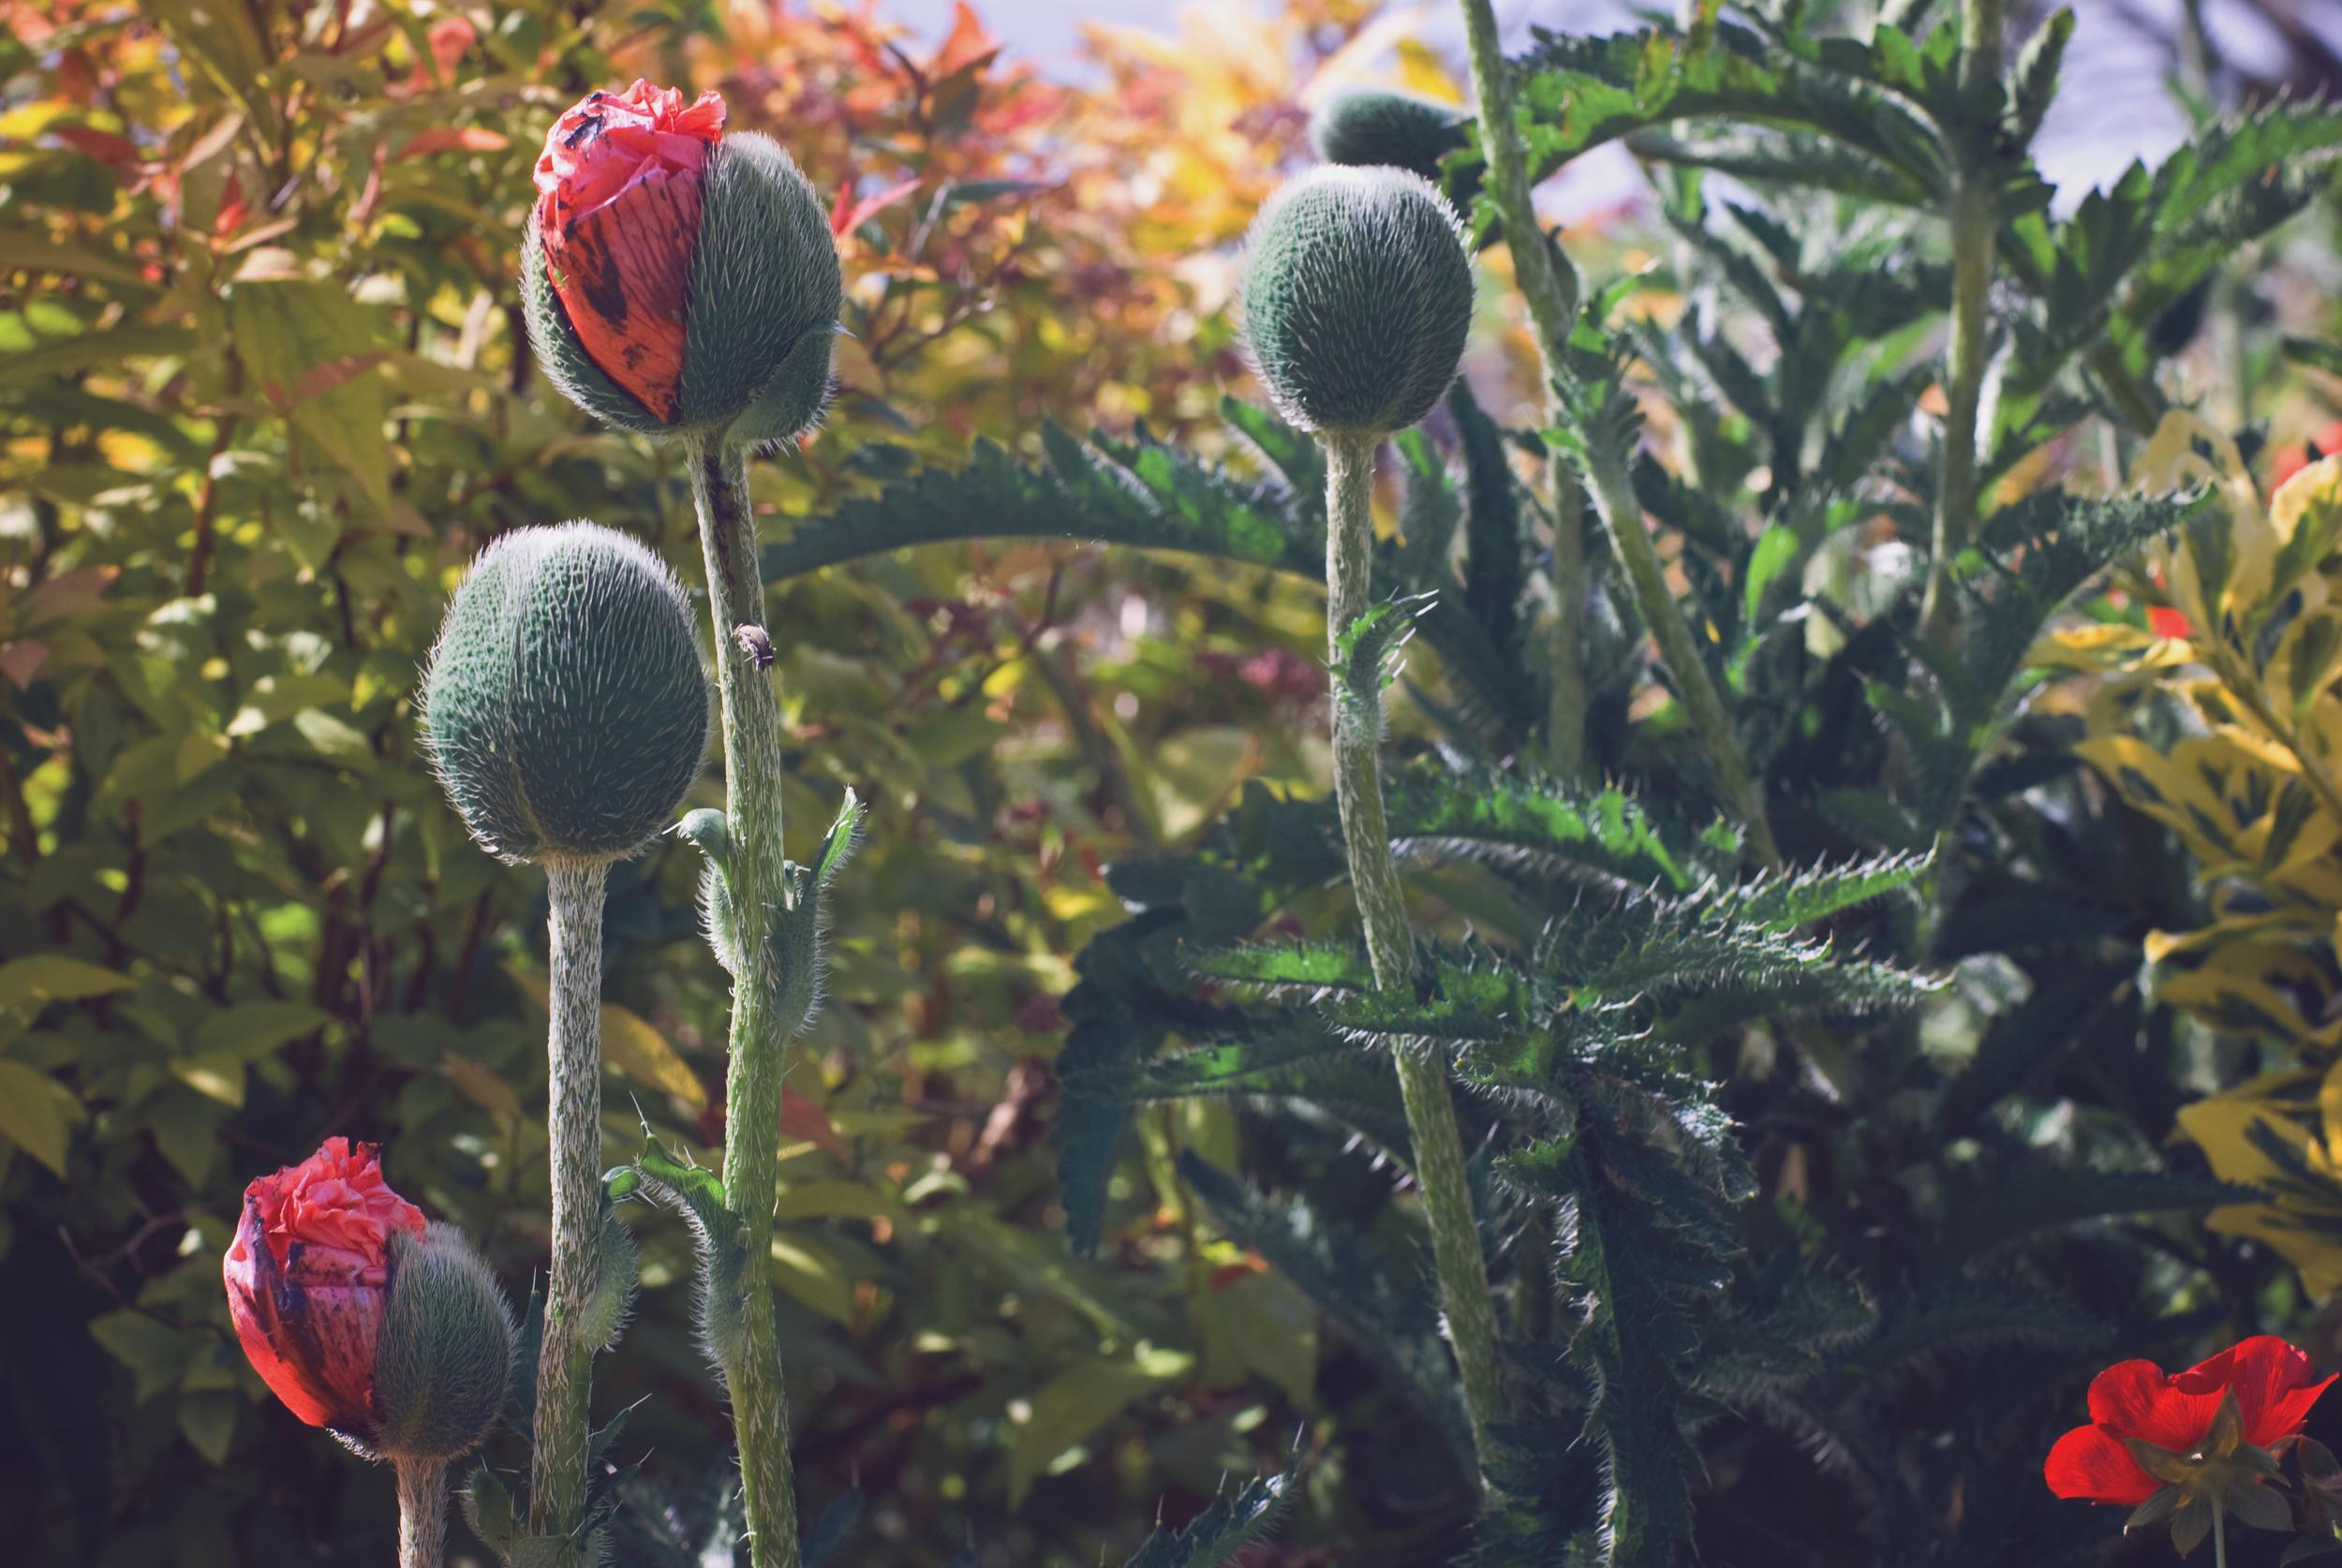 Grannie's Poppies, Meadowbarn garden